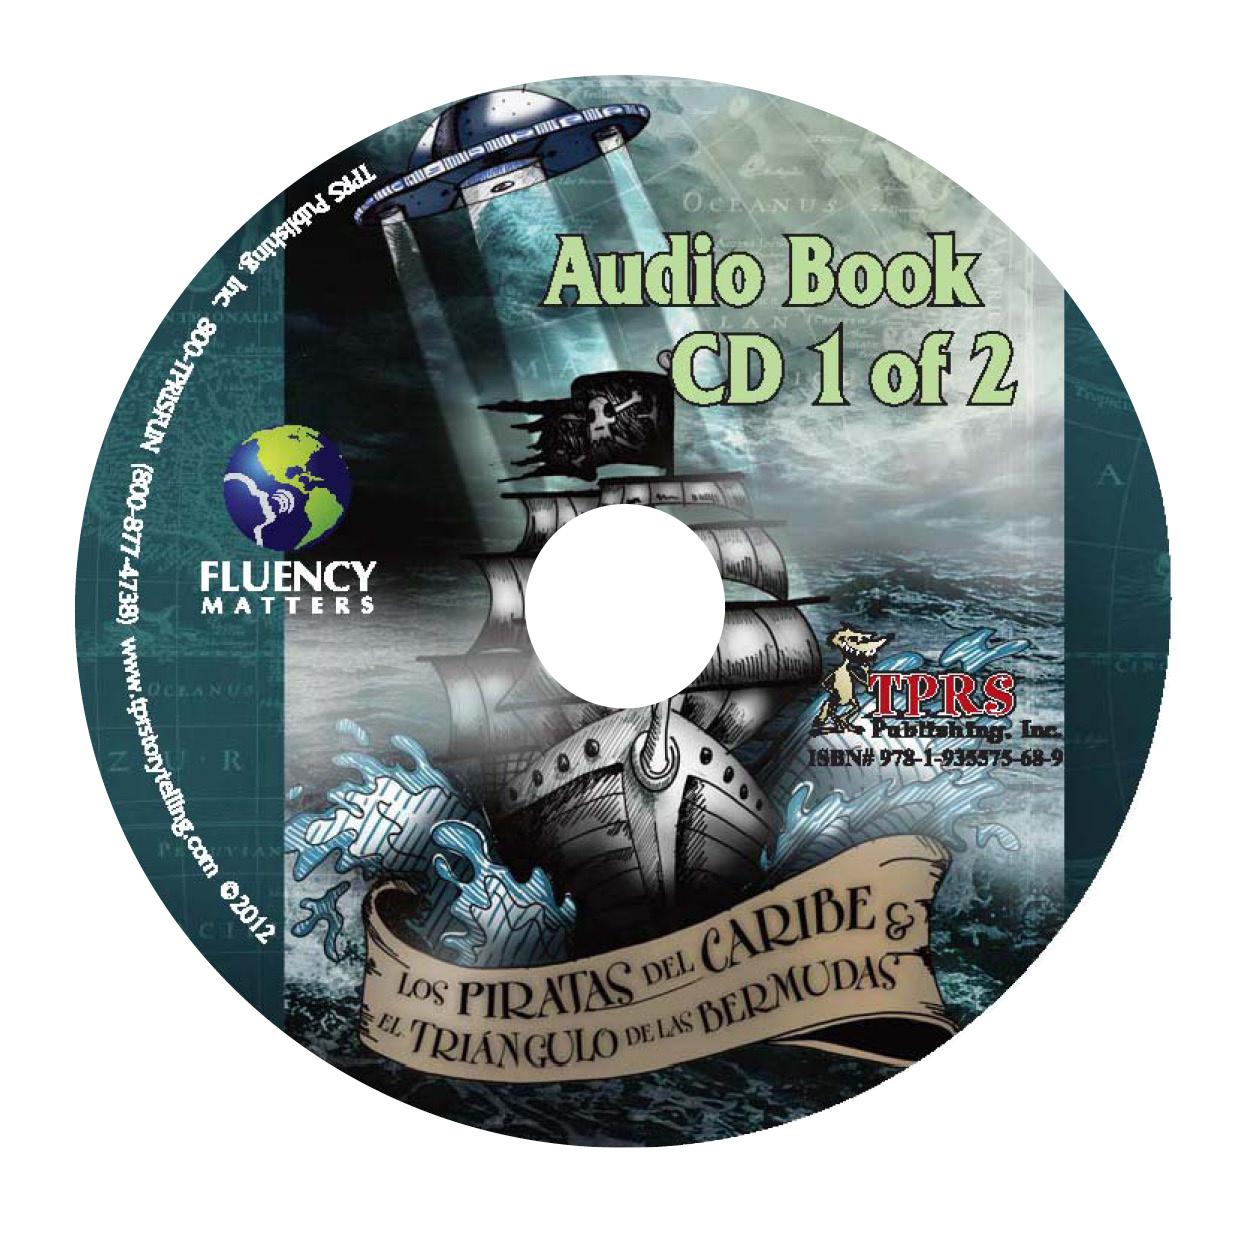 Los piratas del Caribe y el triángulo de las Bermudas - Audio Book